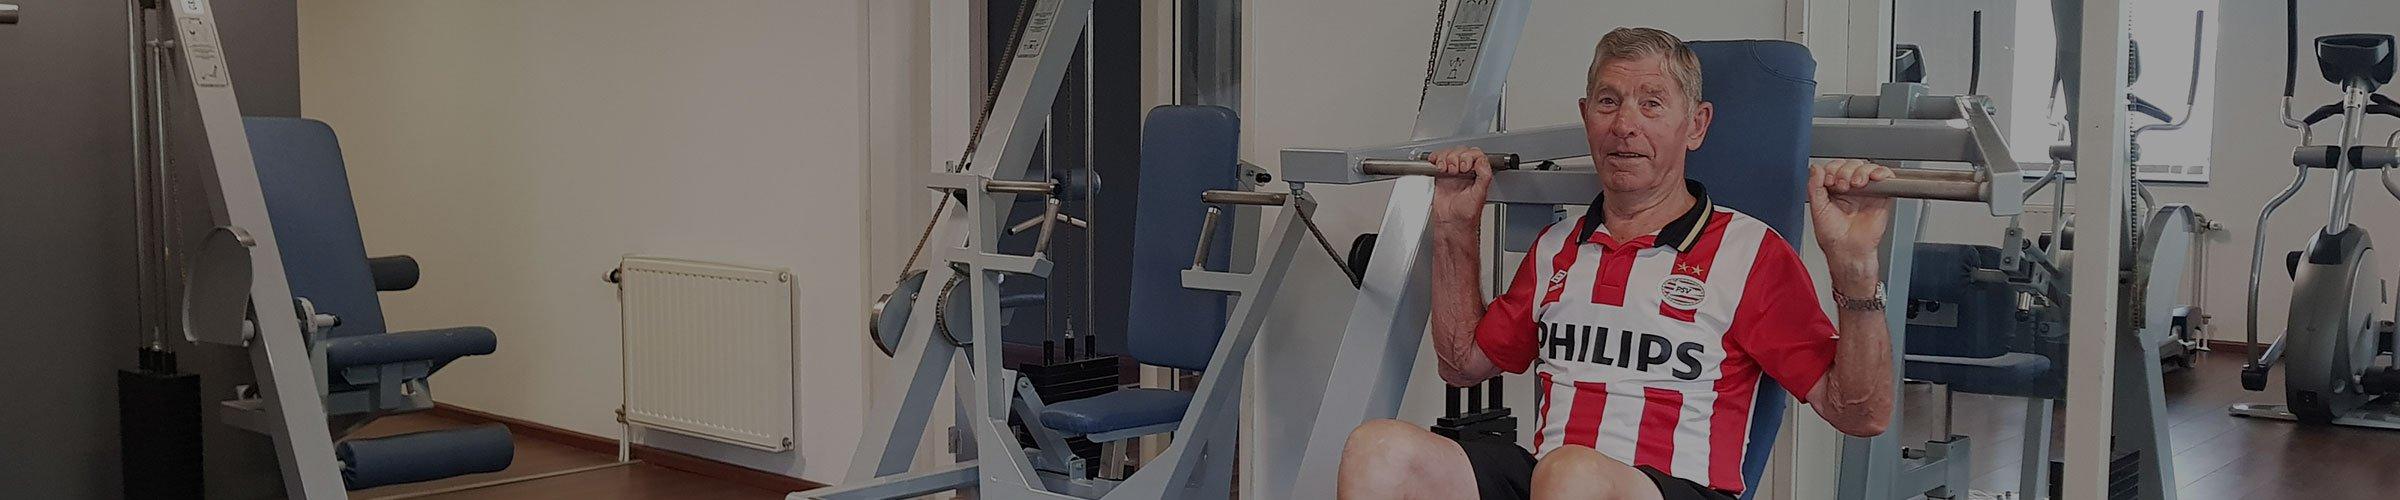 leden voordeel bij medisch fitness de keizer venray